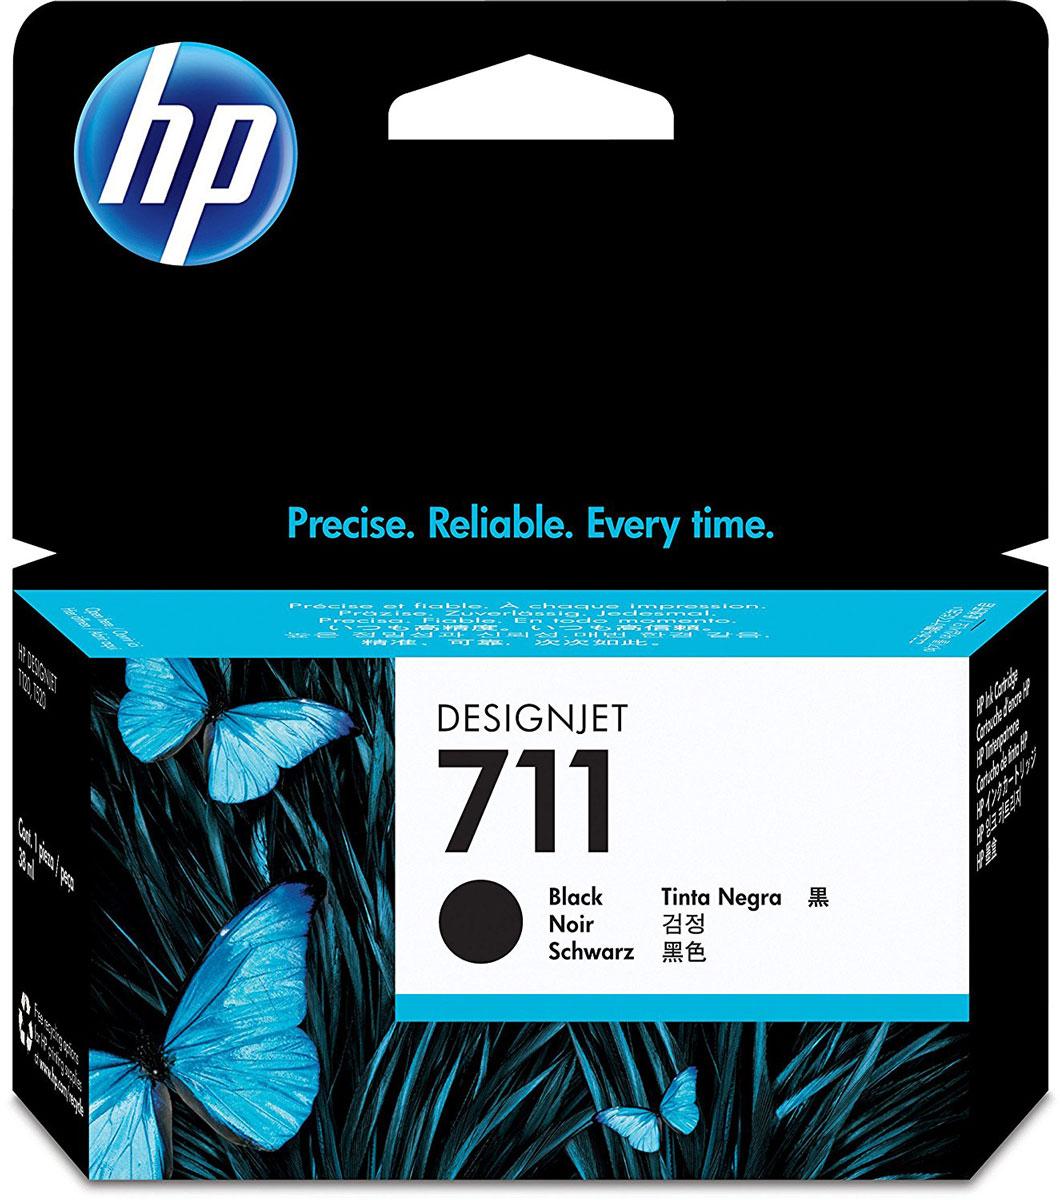 HP CZ129A (711), Black картридж для DesignJet T120/T520CZ129AКартридж HP 711 емкостью 38 мл с черными чернилами обеспечивает великолепную печать. Четкие линии в сочетании с быстрым высыханием и стойкостью фотографий к смазыванию. Оригинальные чернила HP разработаны и протестированы вместе с принтерами для обеспечения стабильных результатов.Пробы и ошибки отнимают время. Для получения качества, достойного вас, используйте оригинальные расходные материалы HP, которые в сочетании с принтером работают как оптимизированная система печати для обеспечения точных линий, четких деталей и богатой цветовой гаммы.Представьте, какое влияние вы сможете оказать на своих слушателей, если в вашем арсенале будут четкие и легкочитаемые чертежи и цветные презентации. Оригинальные чернила HP — это уникальная комбинация качества и надежности; чернила HP — это четкость линий, быстрое высыхание и стойкость к смазыванию.